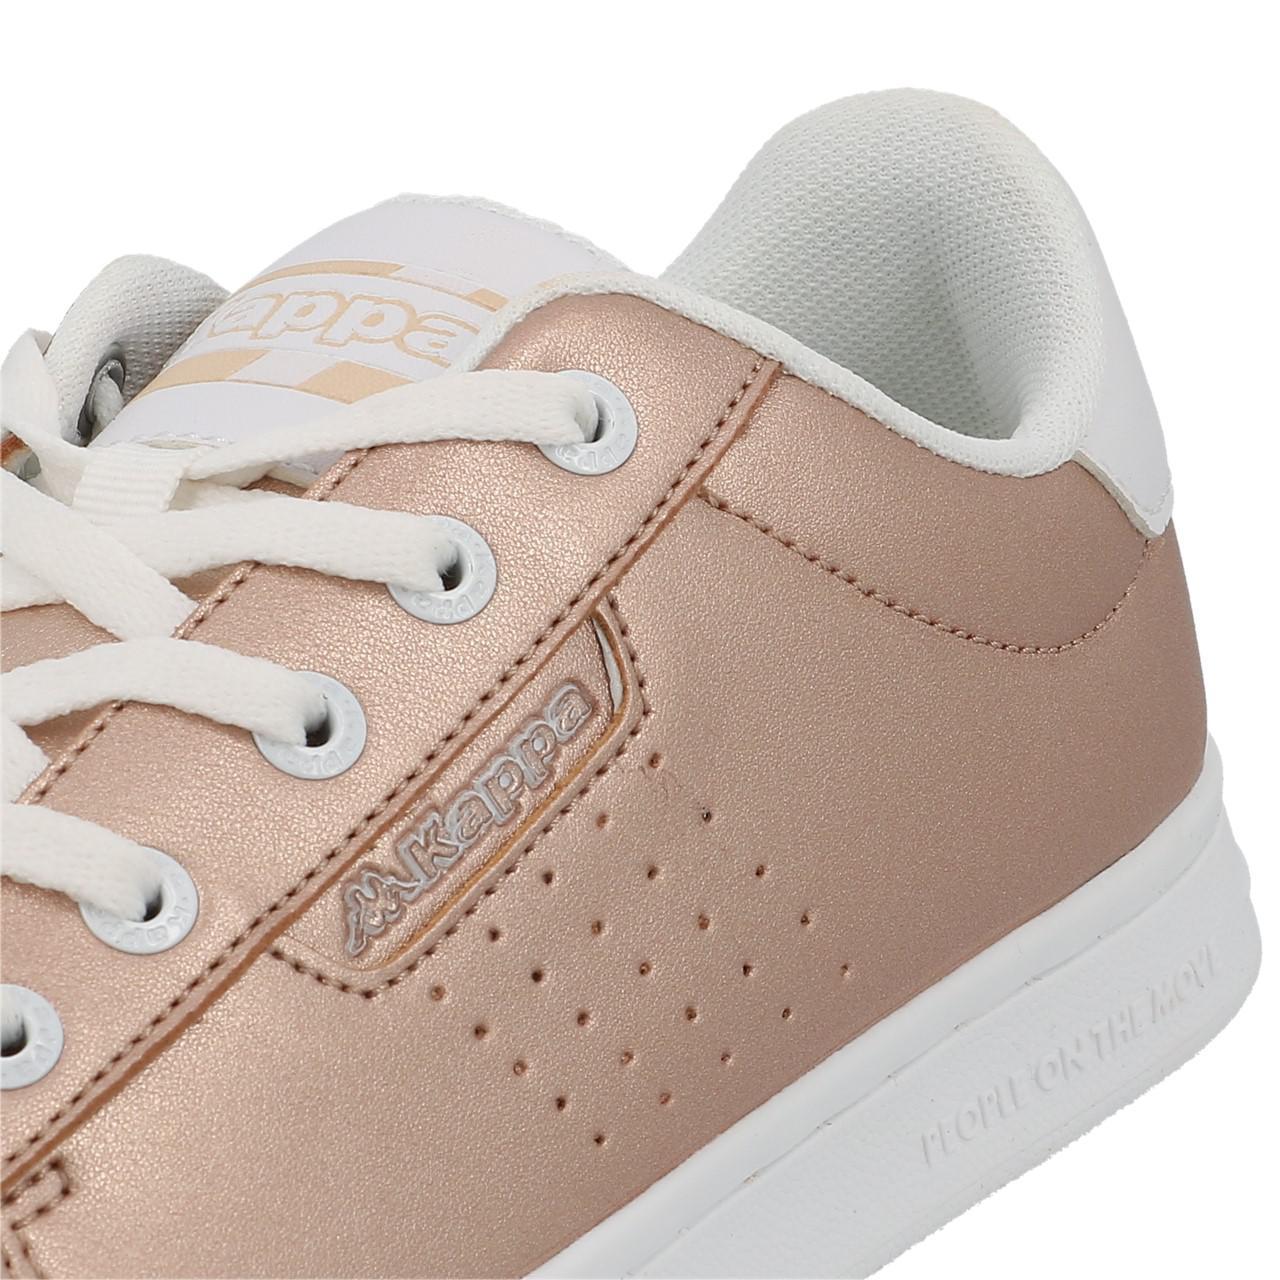 Schuhe-Niedrig-Leder-oder-Faux-Kappa-Tchouri-Schnuersenkel-Rauch-Beige-49612 Indexbild 2